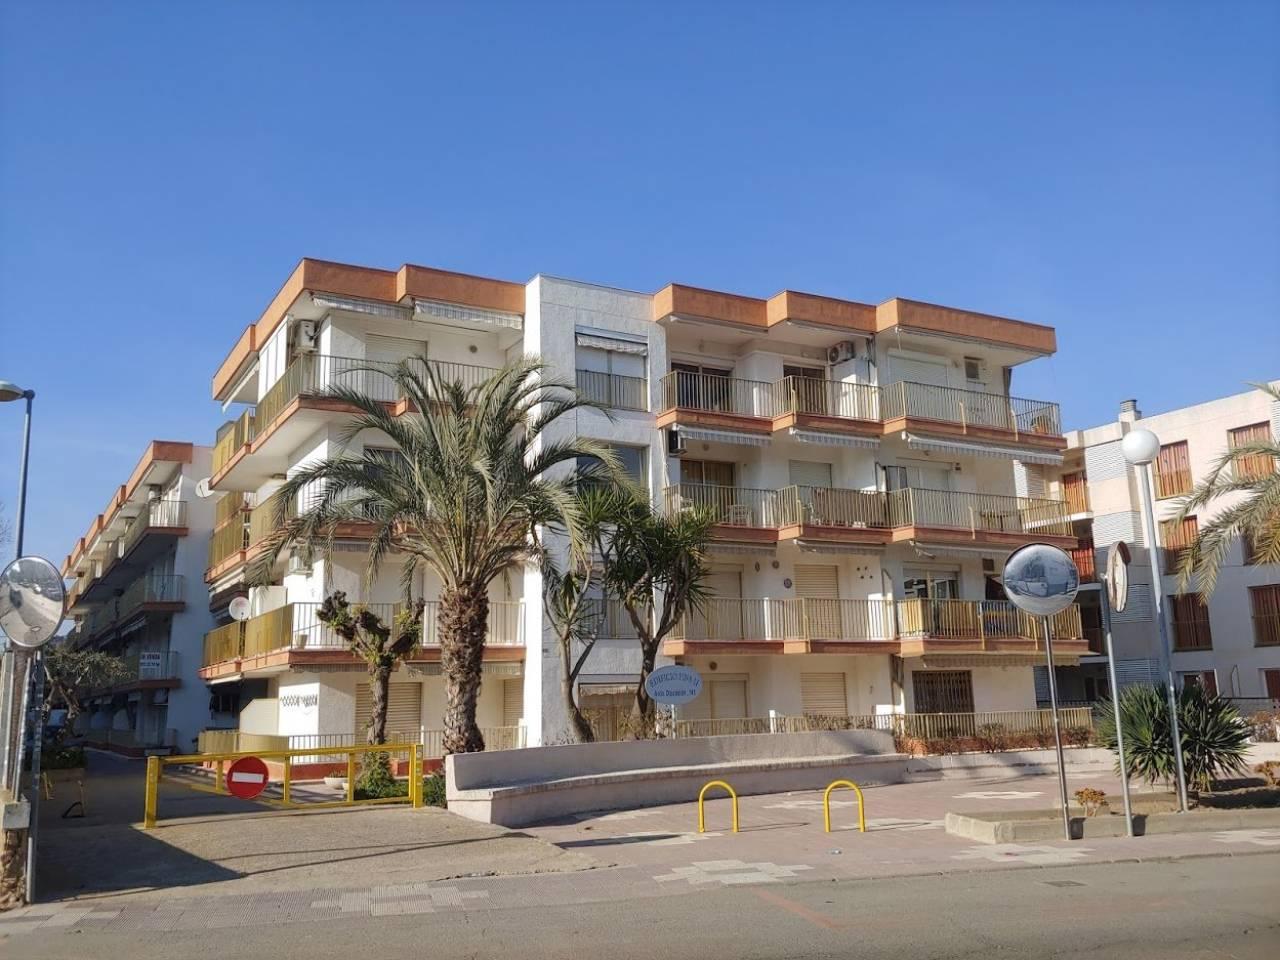 Alquiler de Temporada Piso  Calle diputacio, 143. Apartamento a tan solo 50m de la playa. el apartamento dispone d